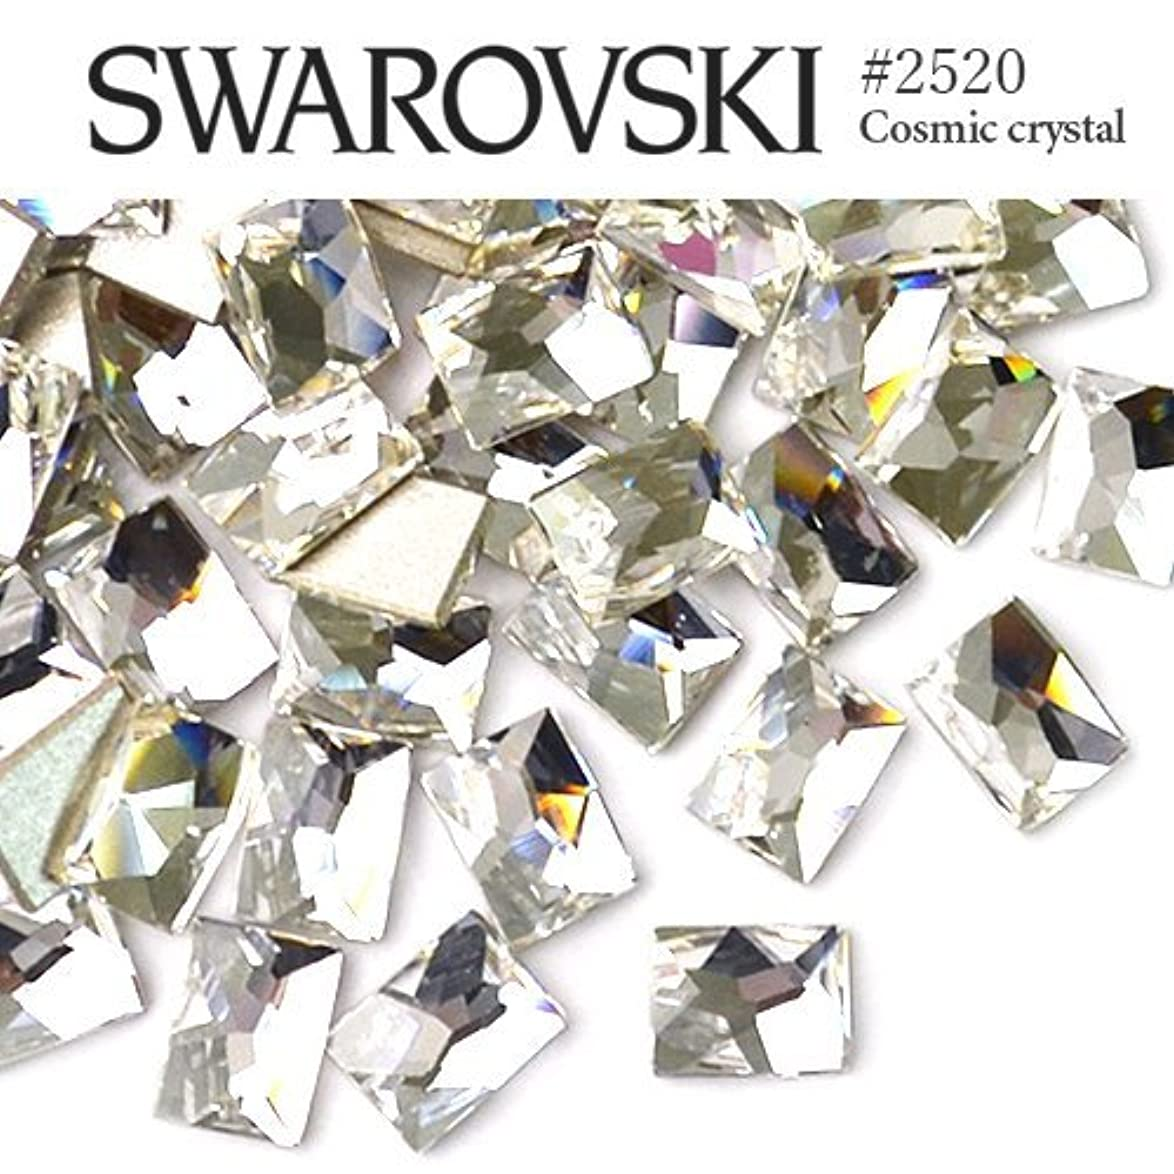 パーフェルビッド損失共感する#2520 コズミック (長方形) [クリスタル] 3粒入り スワロフスキー ラインストーン レジン パーツ ネイルパーツ ジェルネイル デコパーツ スワロ